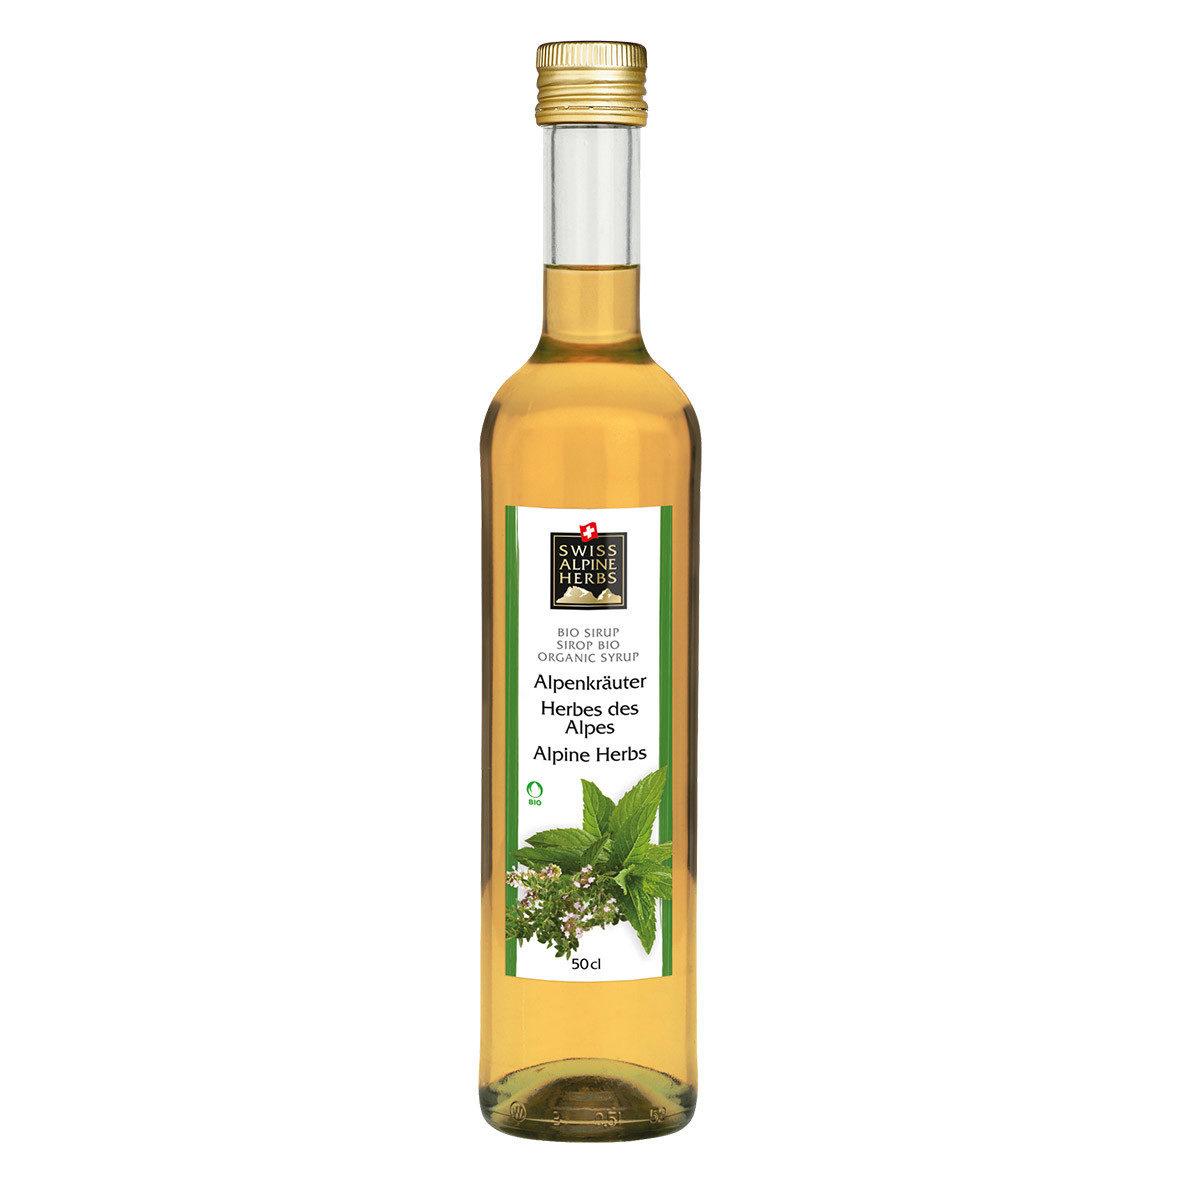 Bio-Sirup Alpenkräuter, Swiss Alpine Herbs